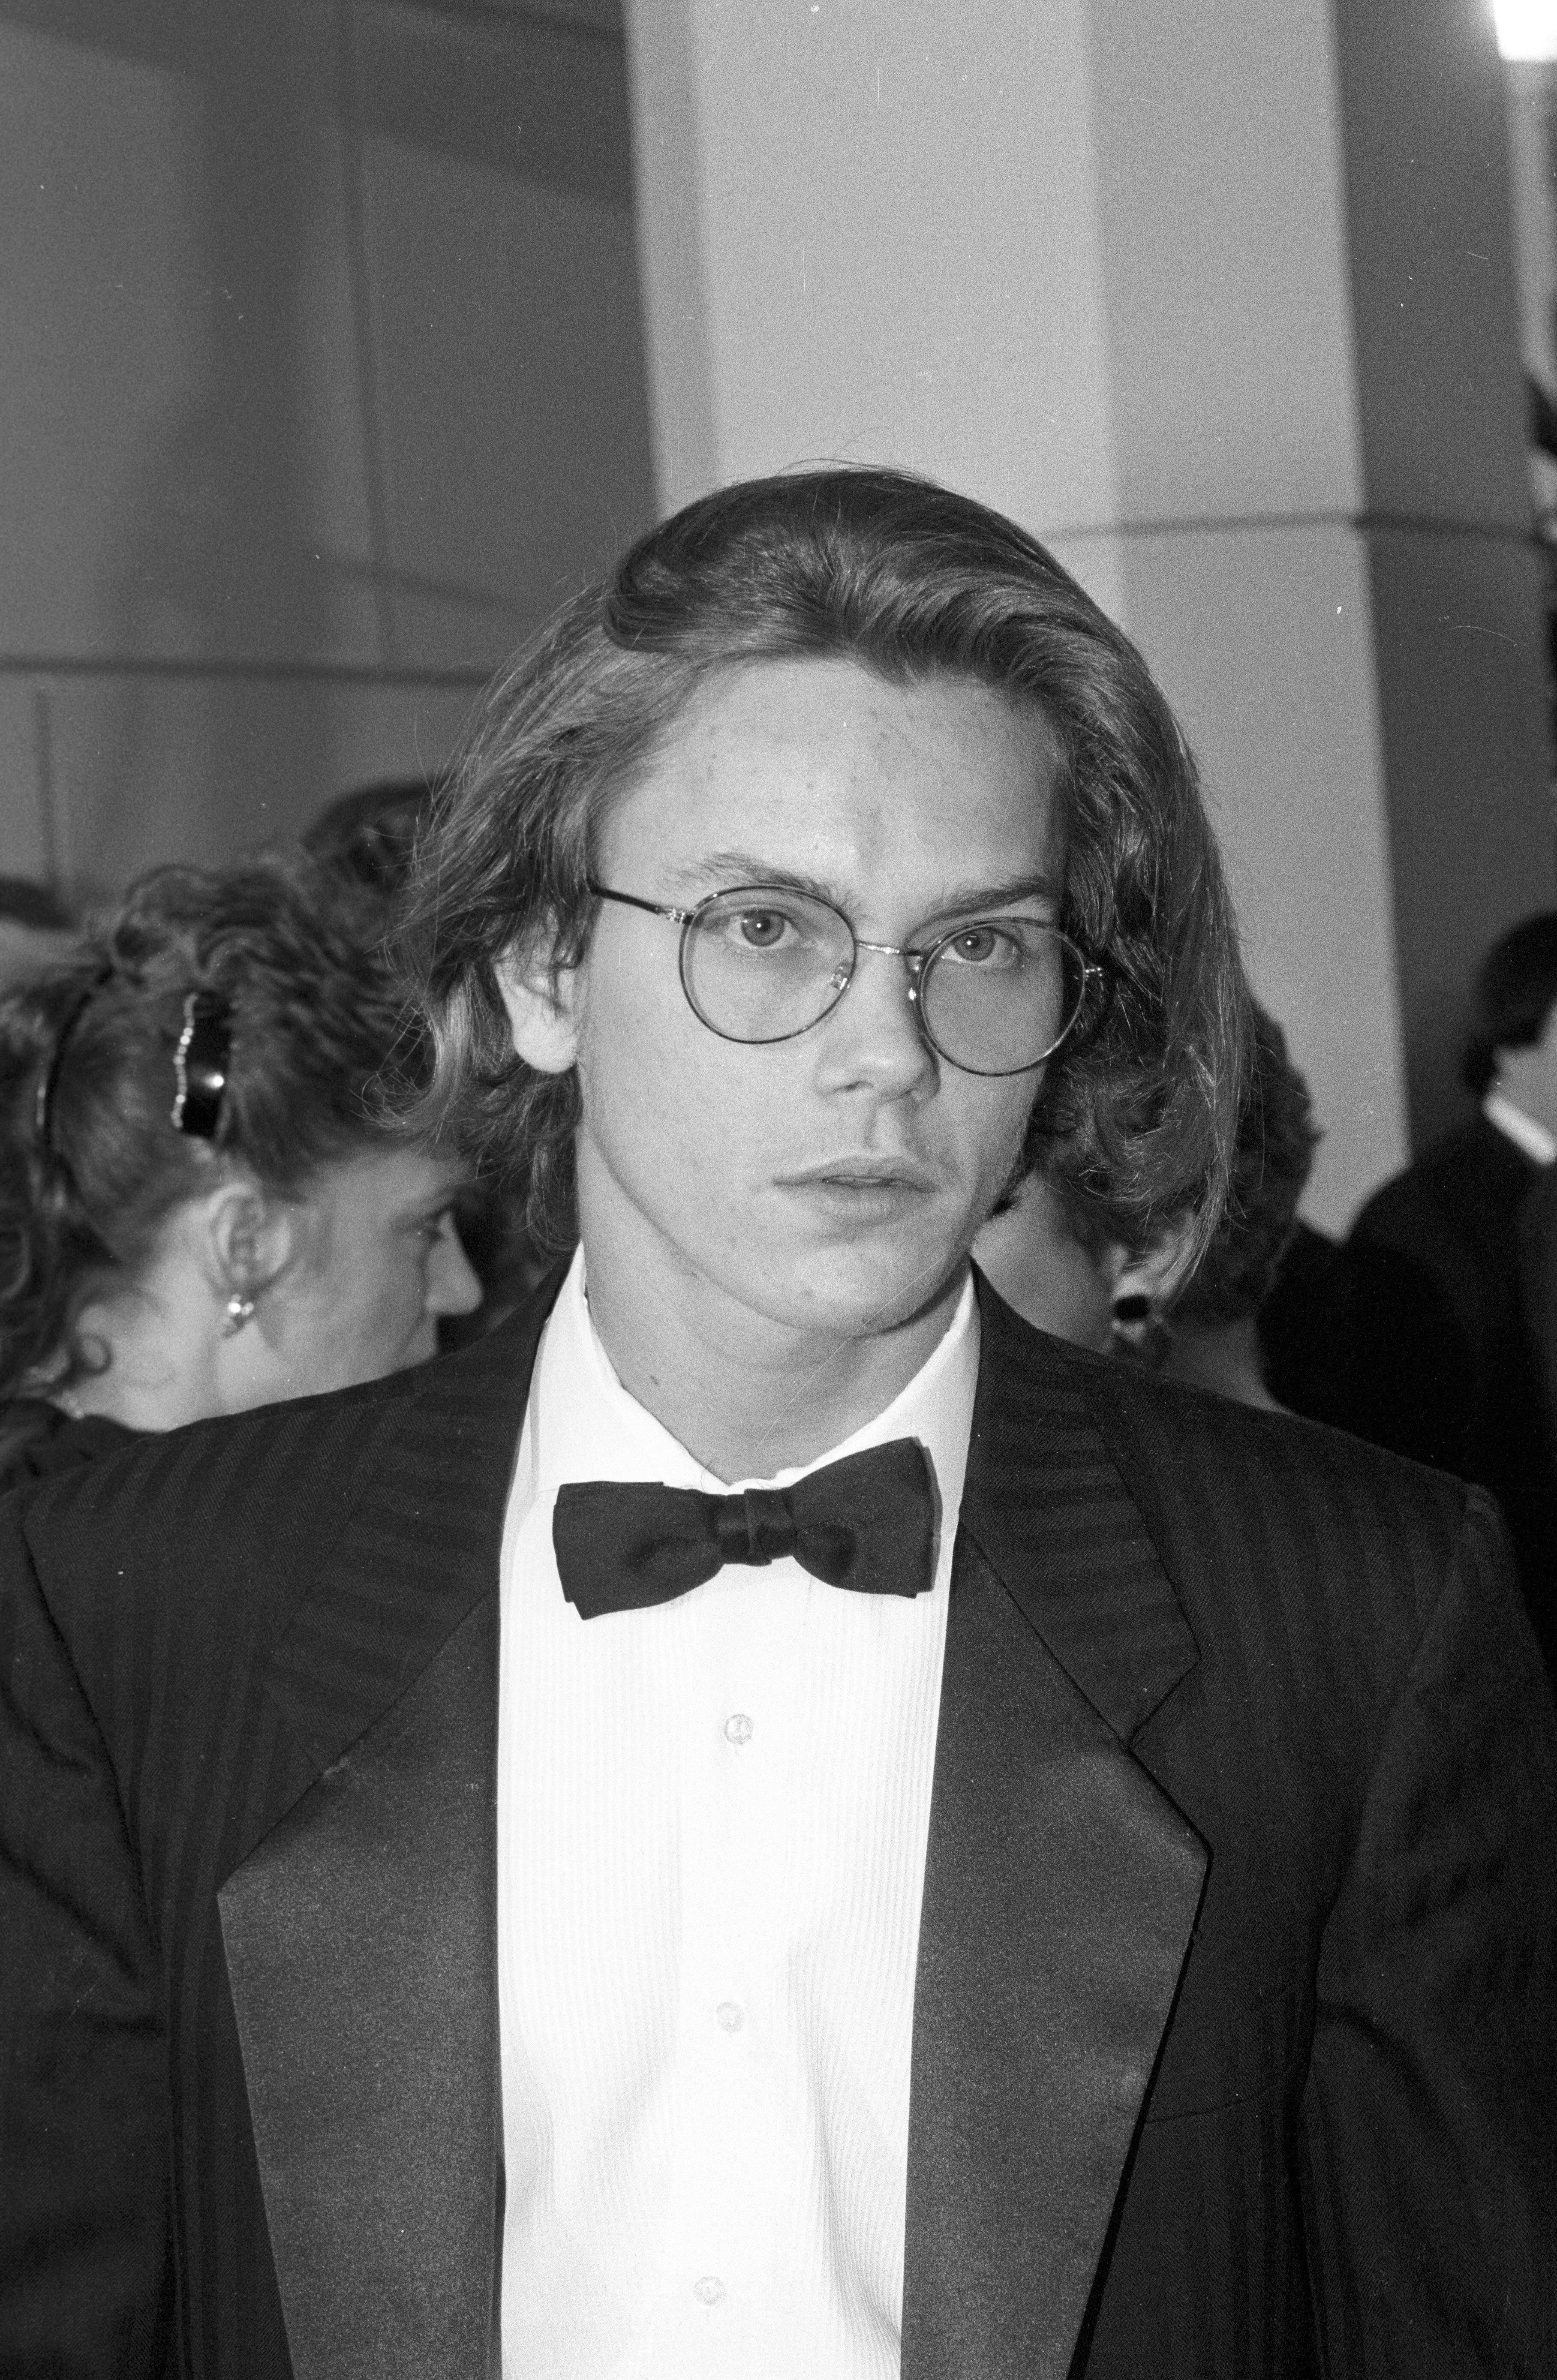 Actor River Phoenix, Golden Globe nominee